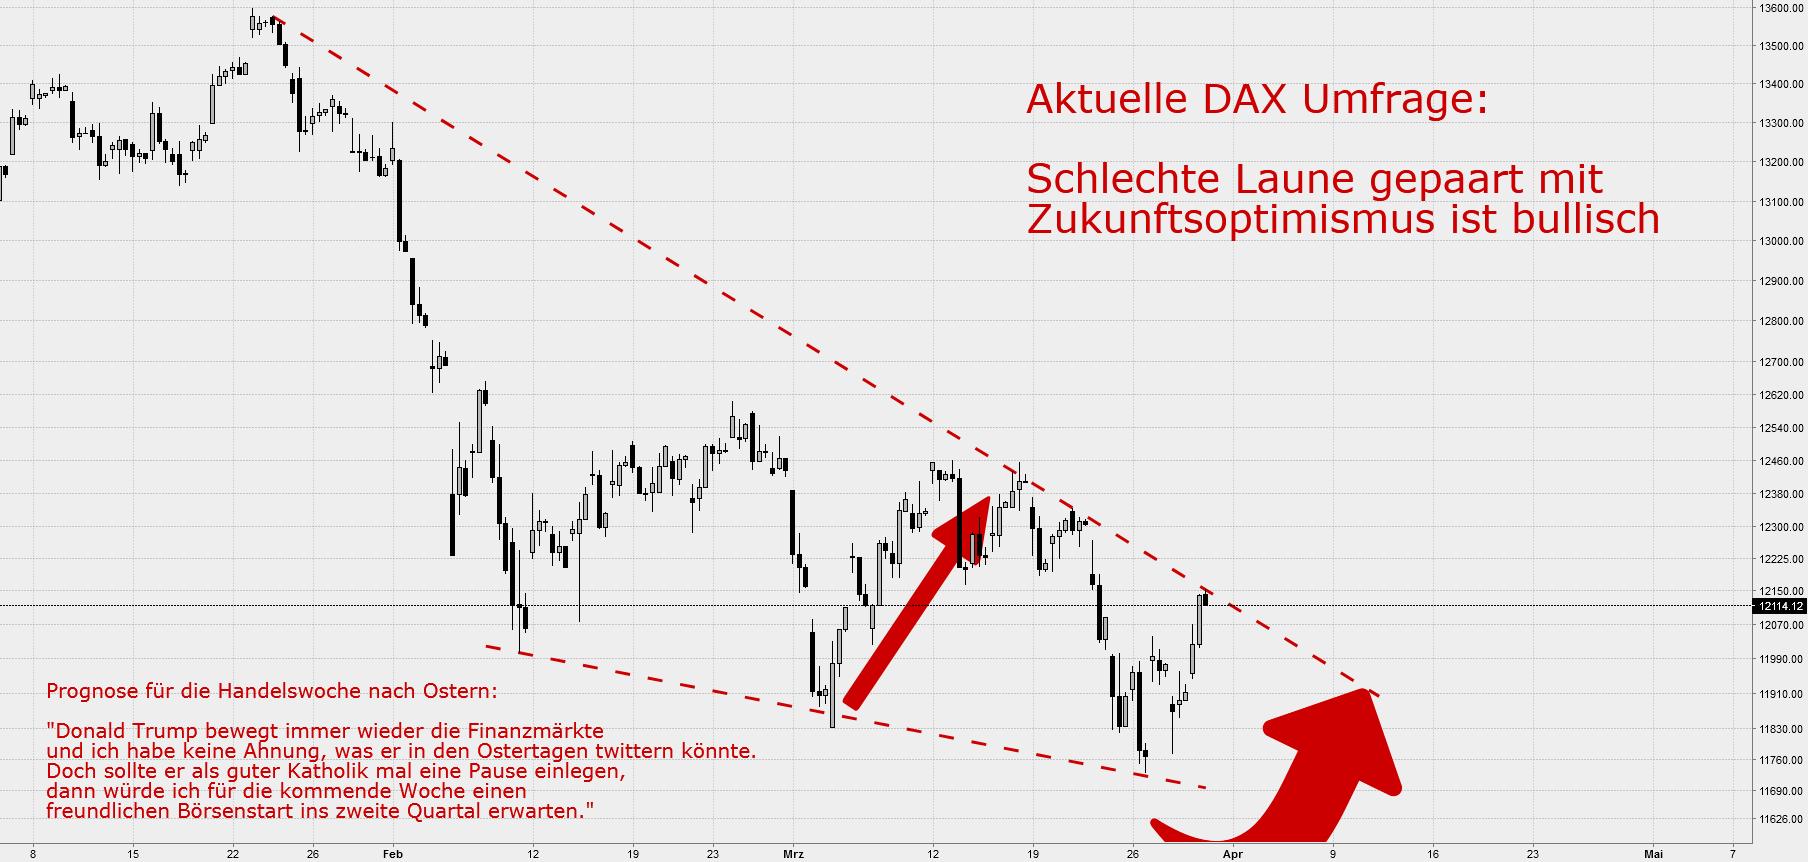 DAX: Schlechte Laune gepaart mit Zukunftsoptimismus ist bullisch